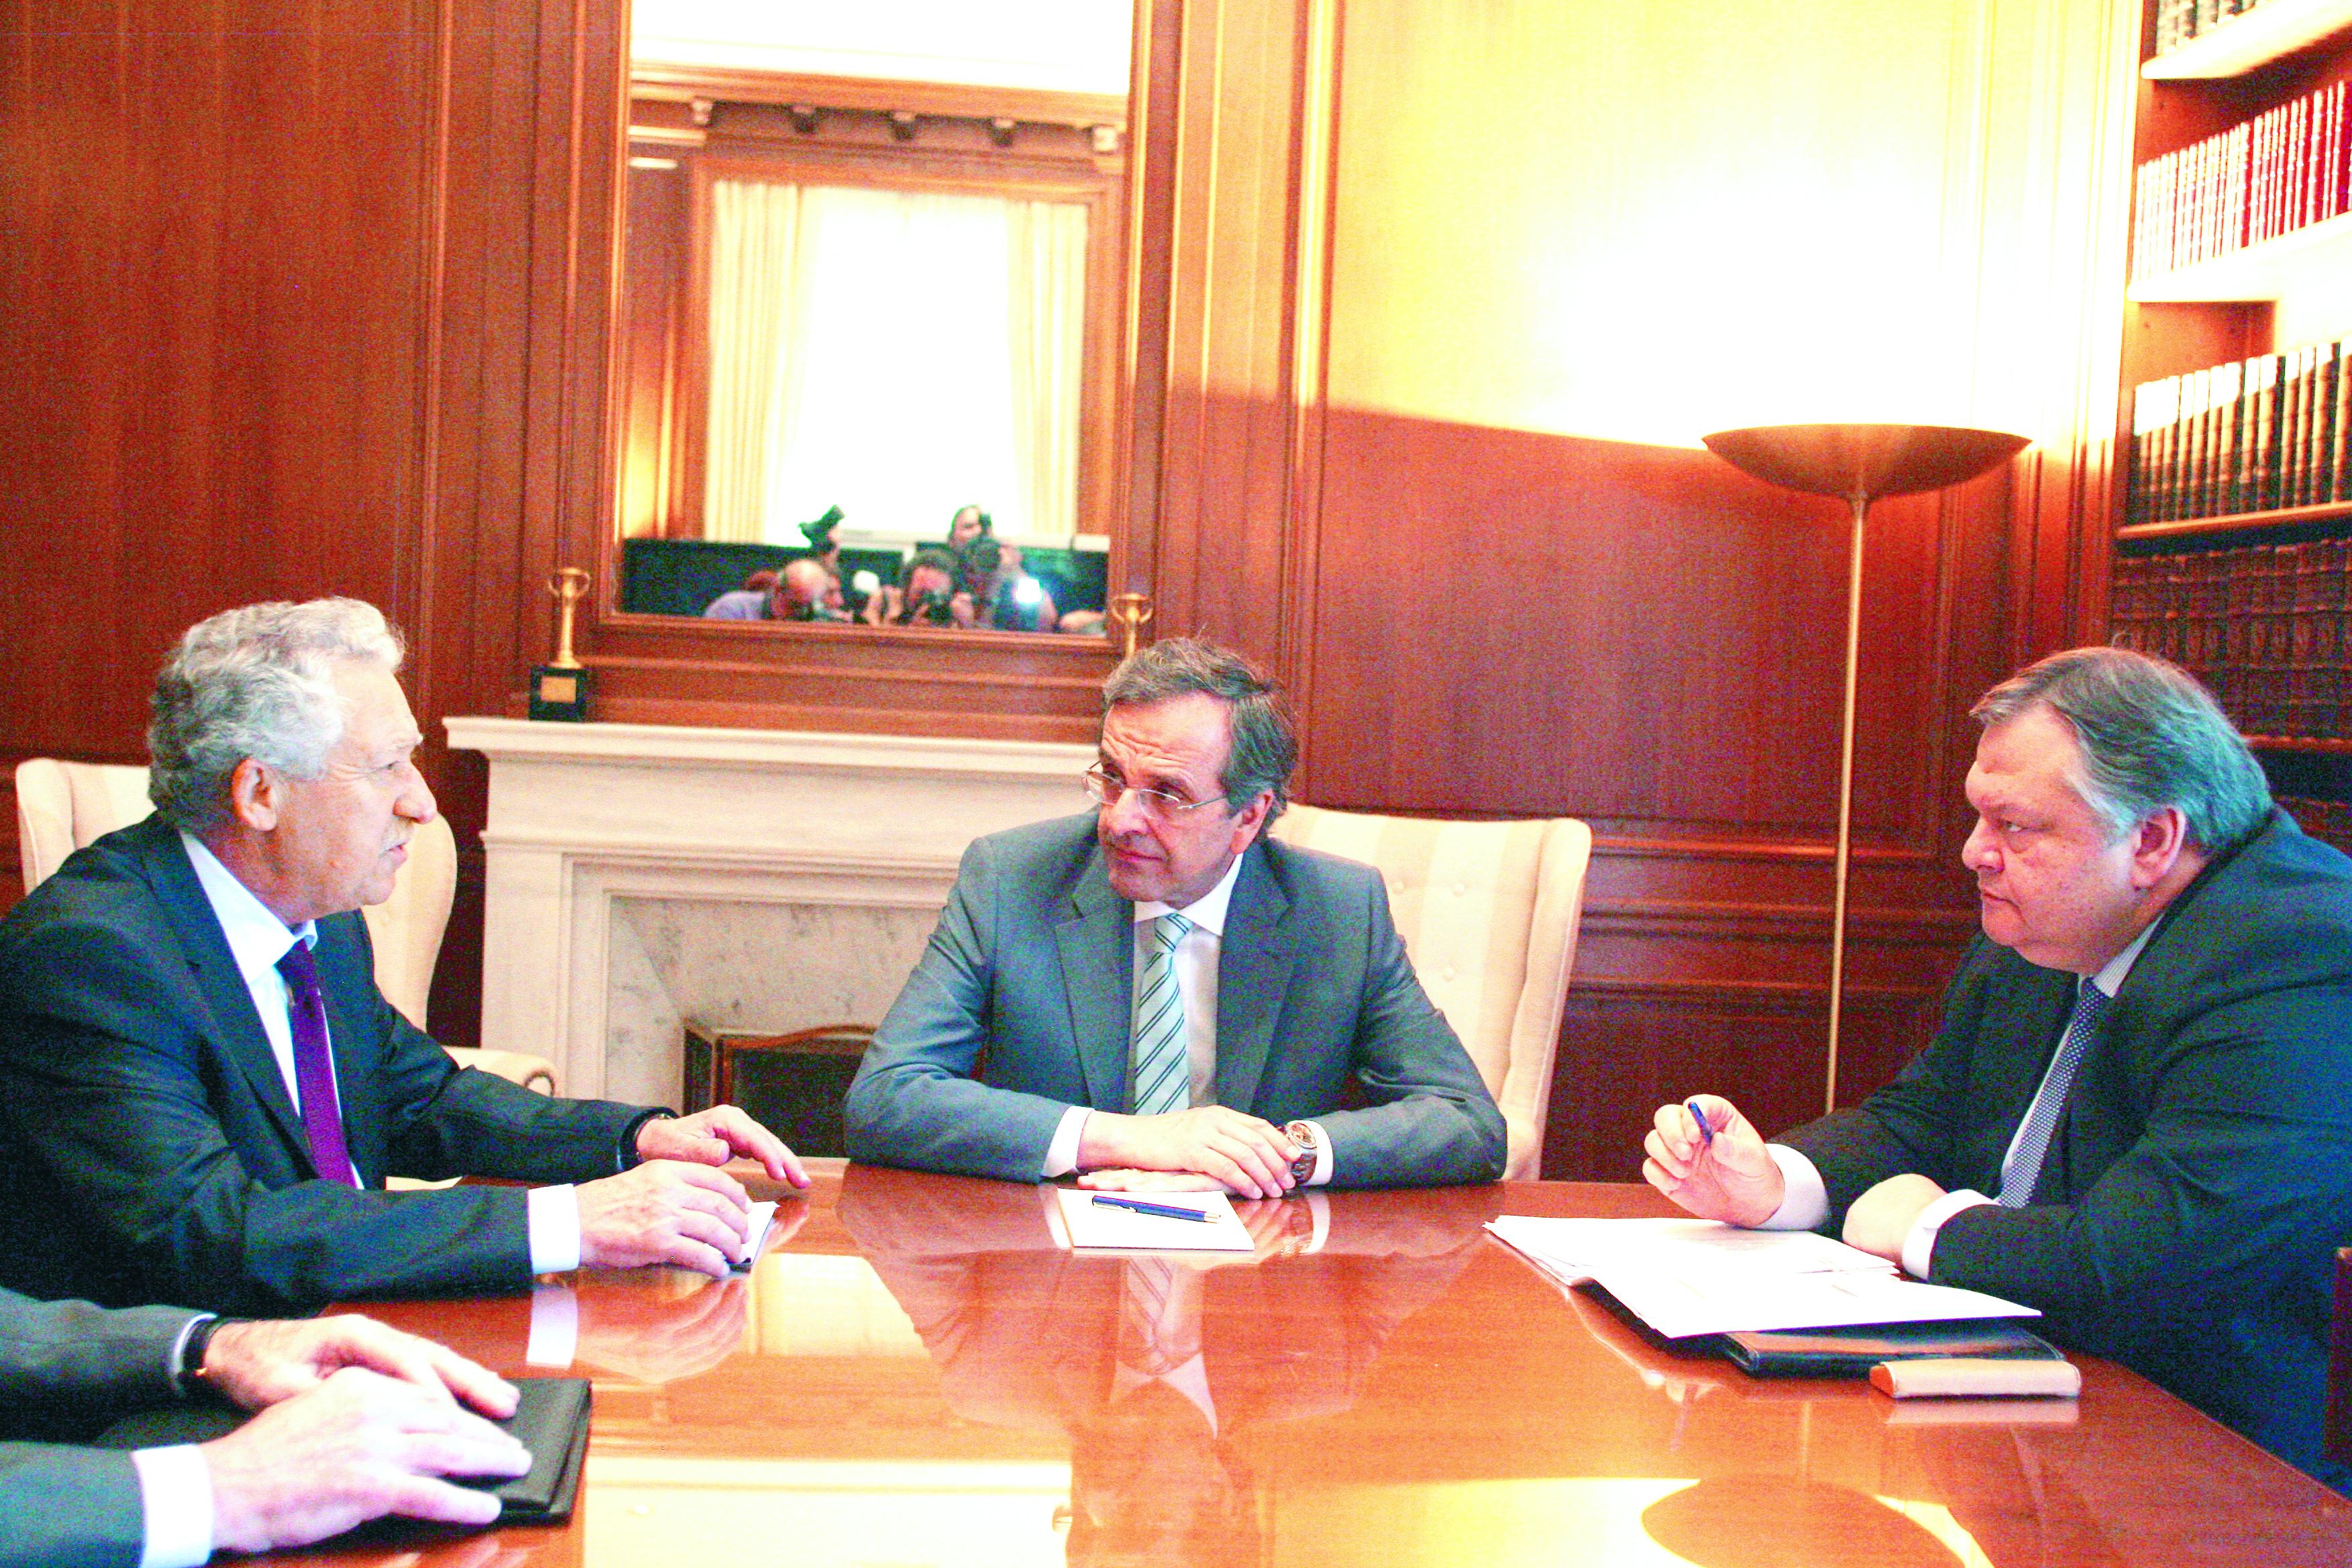 Καταρχήν συμφωνία των πολιτικών αρχηγών για τα ισοδύναμα μέτρα | tovima.gr